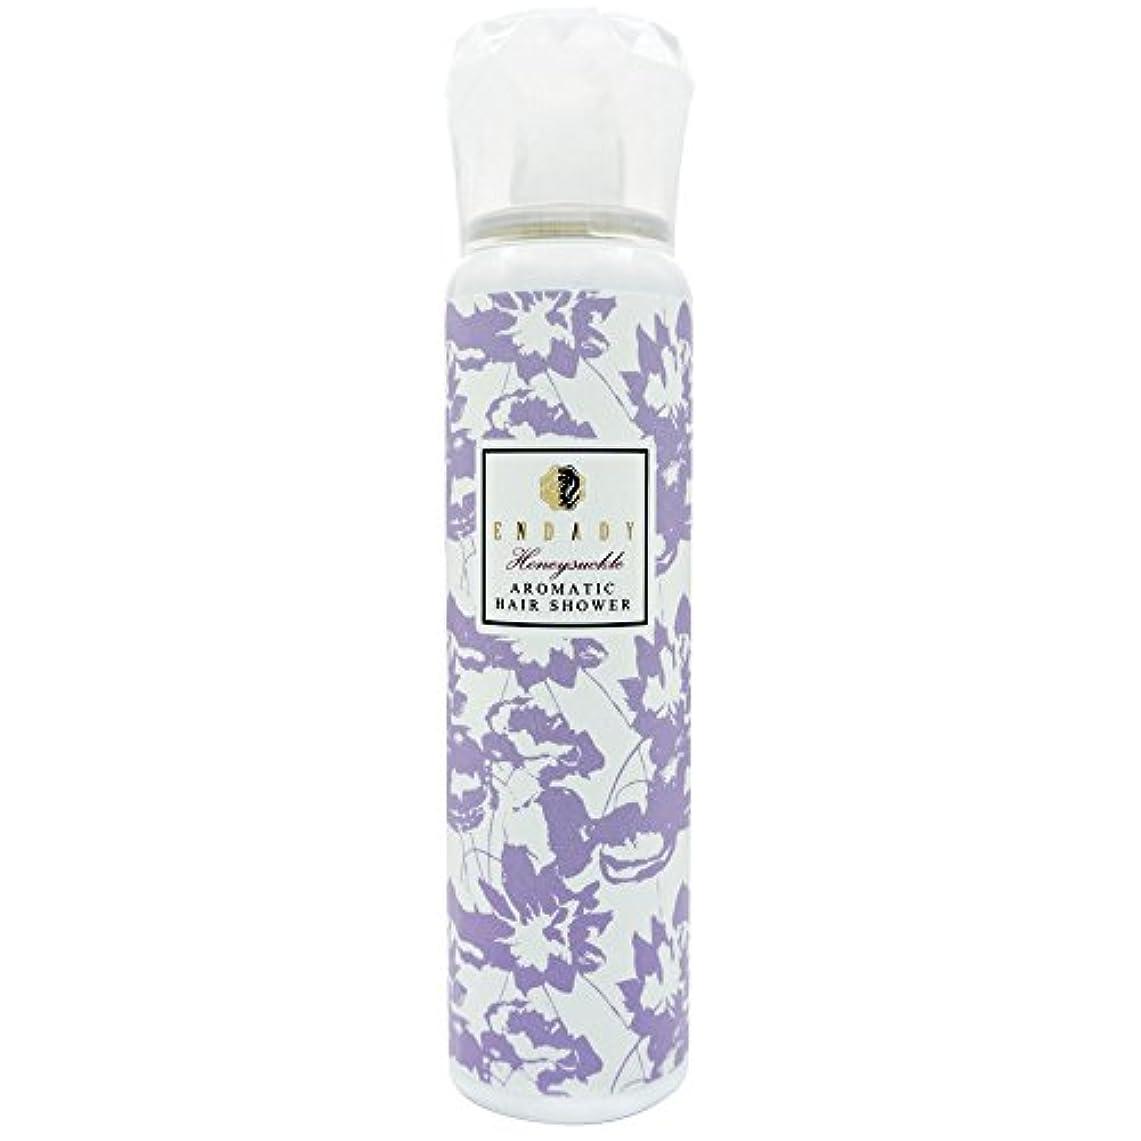 人生を作る平和的別れるエンダディ アロマティック ヘアシャワー 〈ハニーサックルの香り〉 (90g)